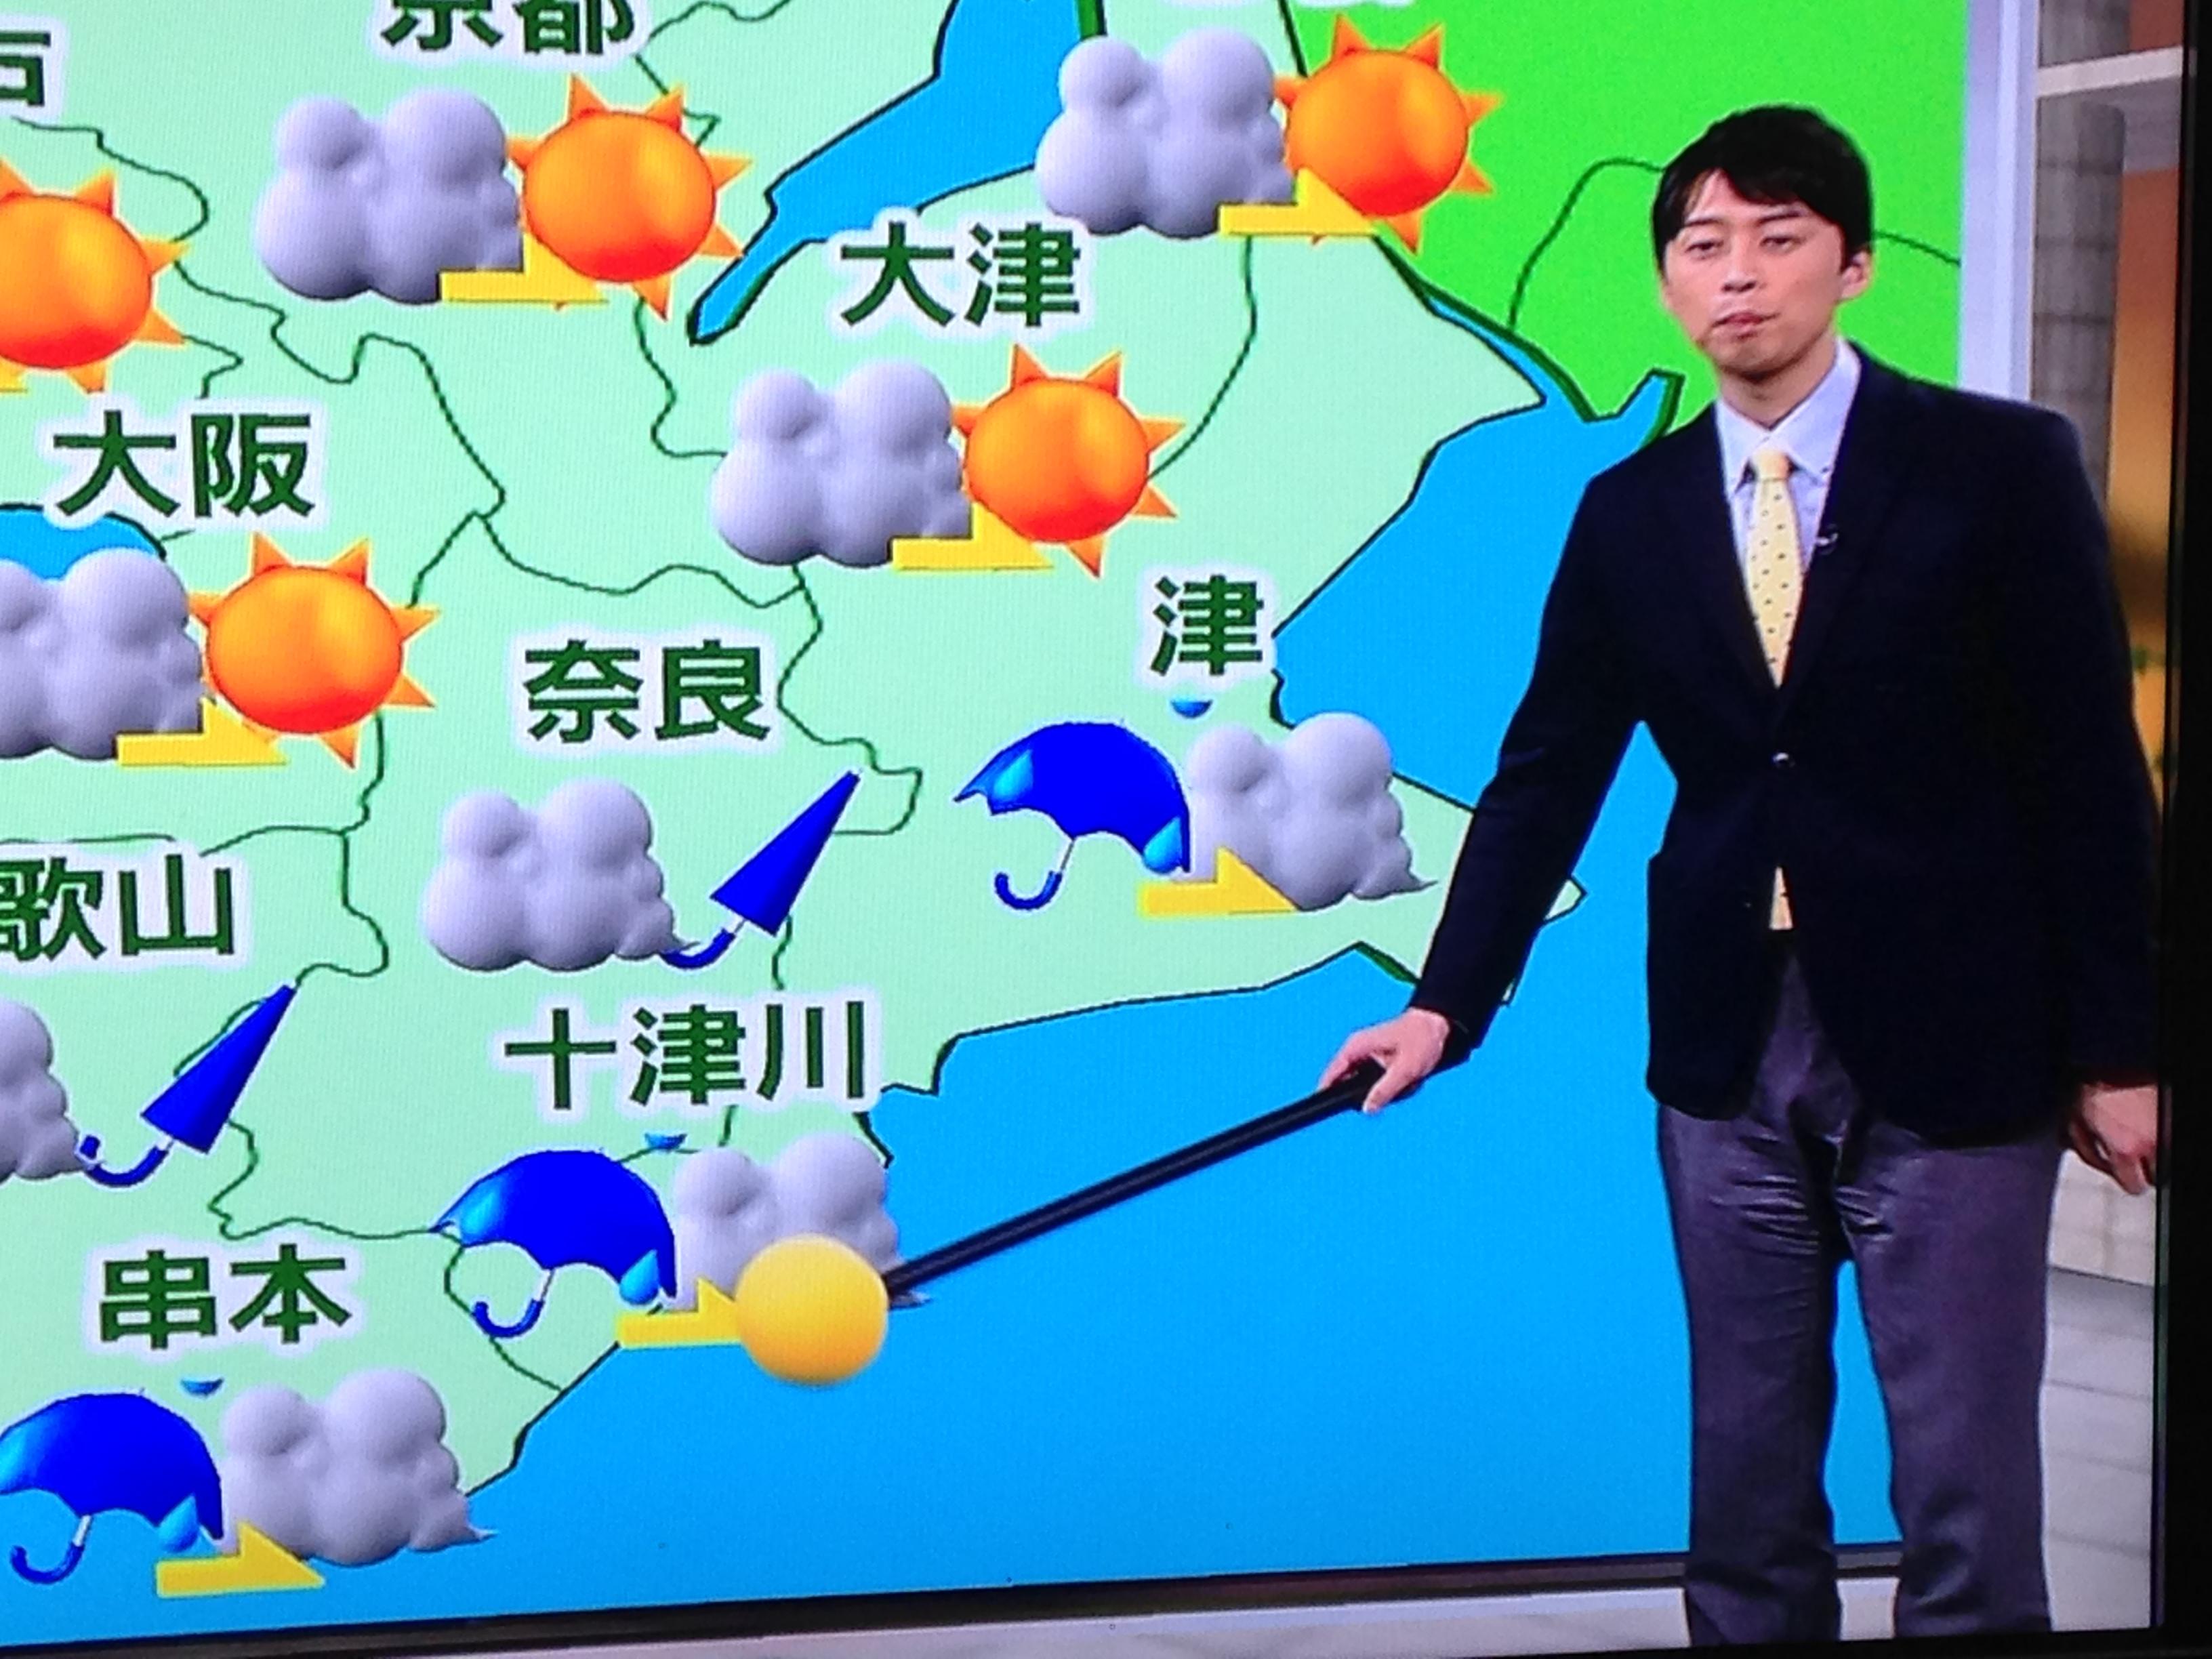 テレビに出る人が、そのズボンはあかん!カッコイイ&カッコ悪いを伝えましょう。